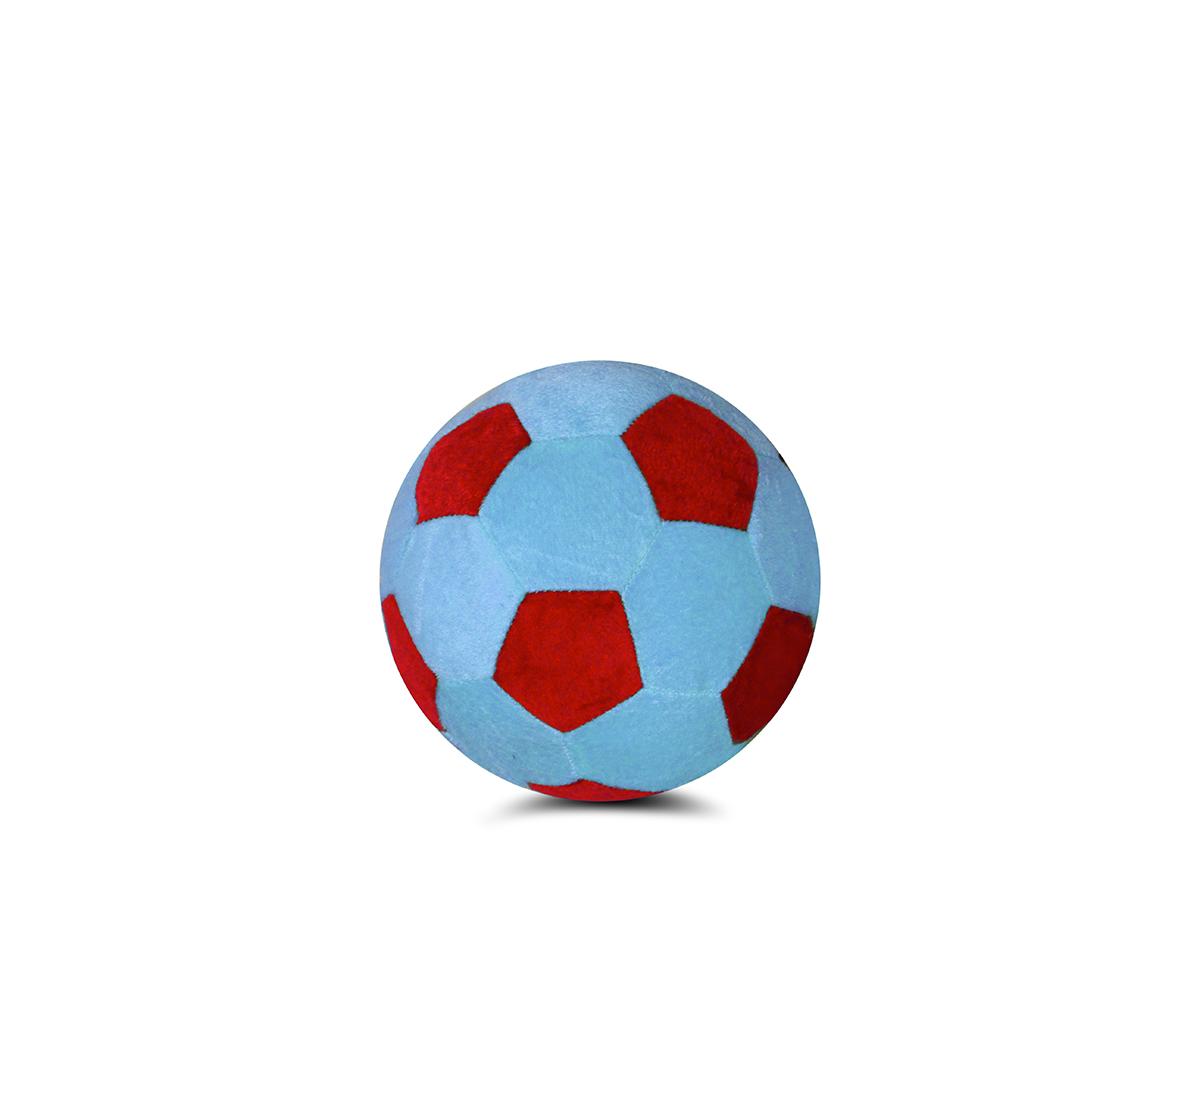 Soft Buddies | Soft Buddies Soft Ball, Unisex, 1Y+(Multicolour)